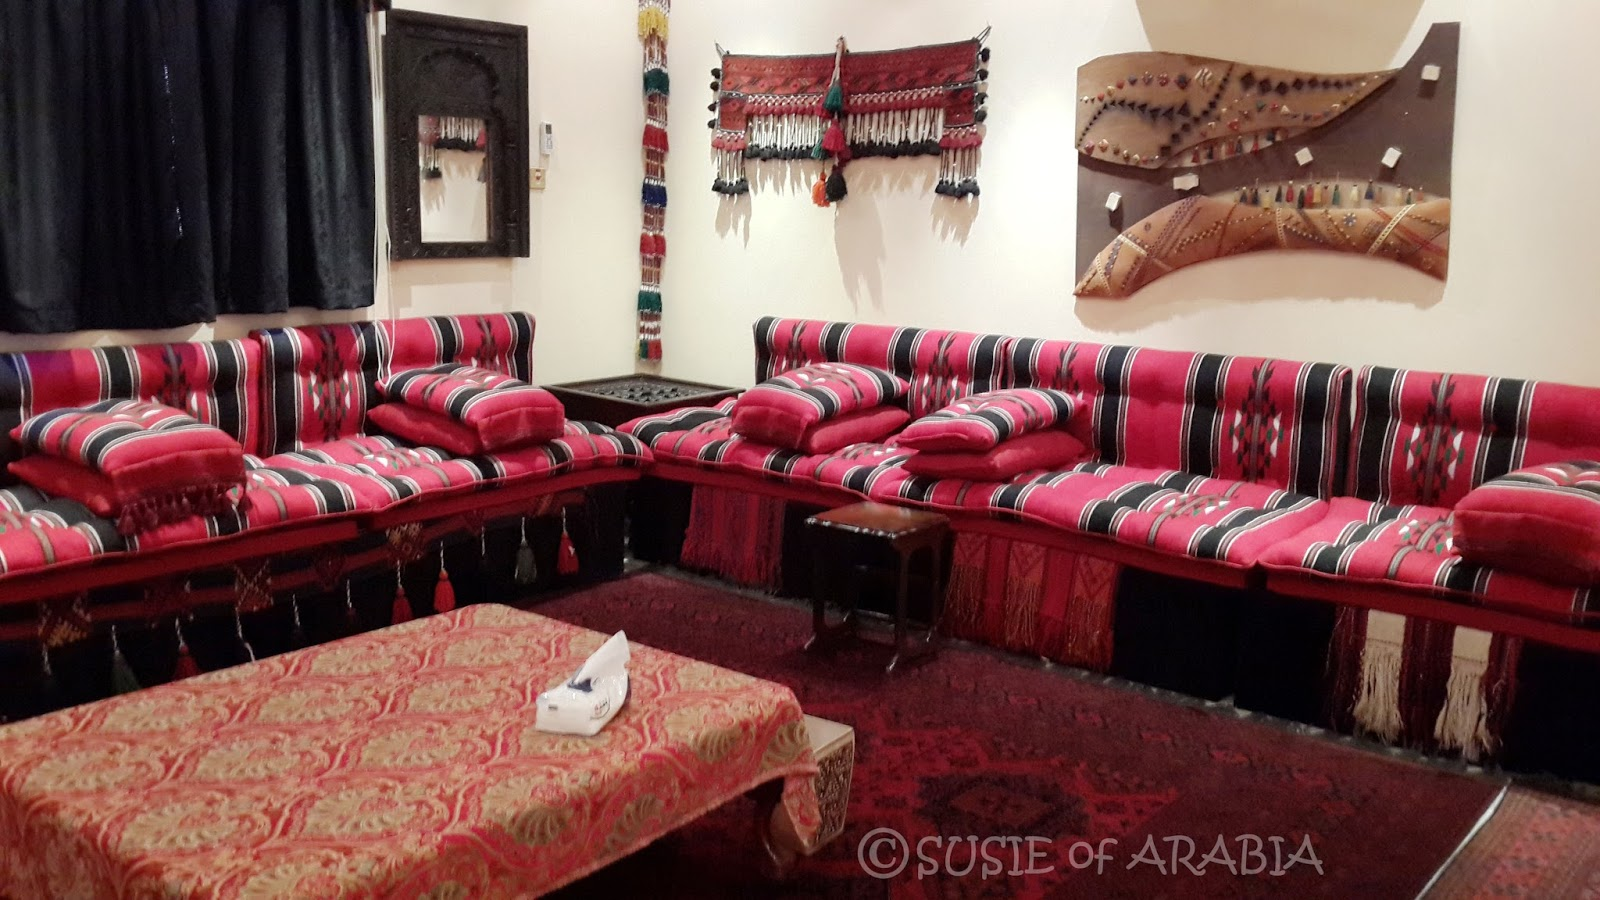 jeddah daily photo bedouin pattern